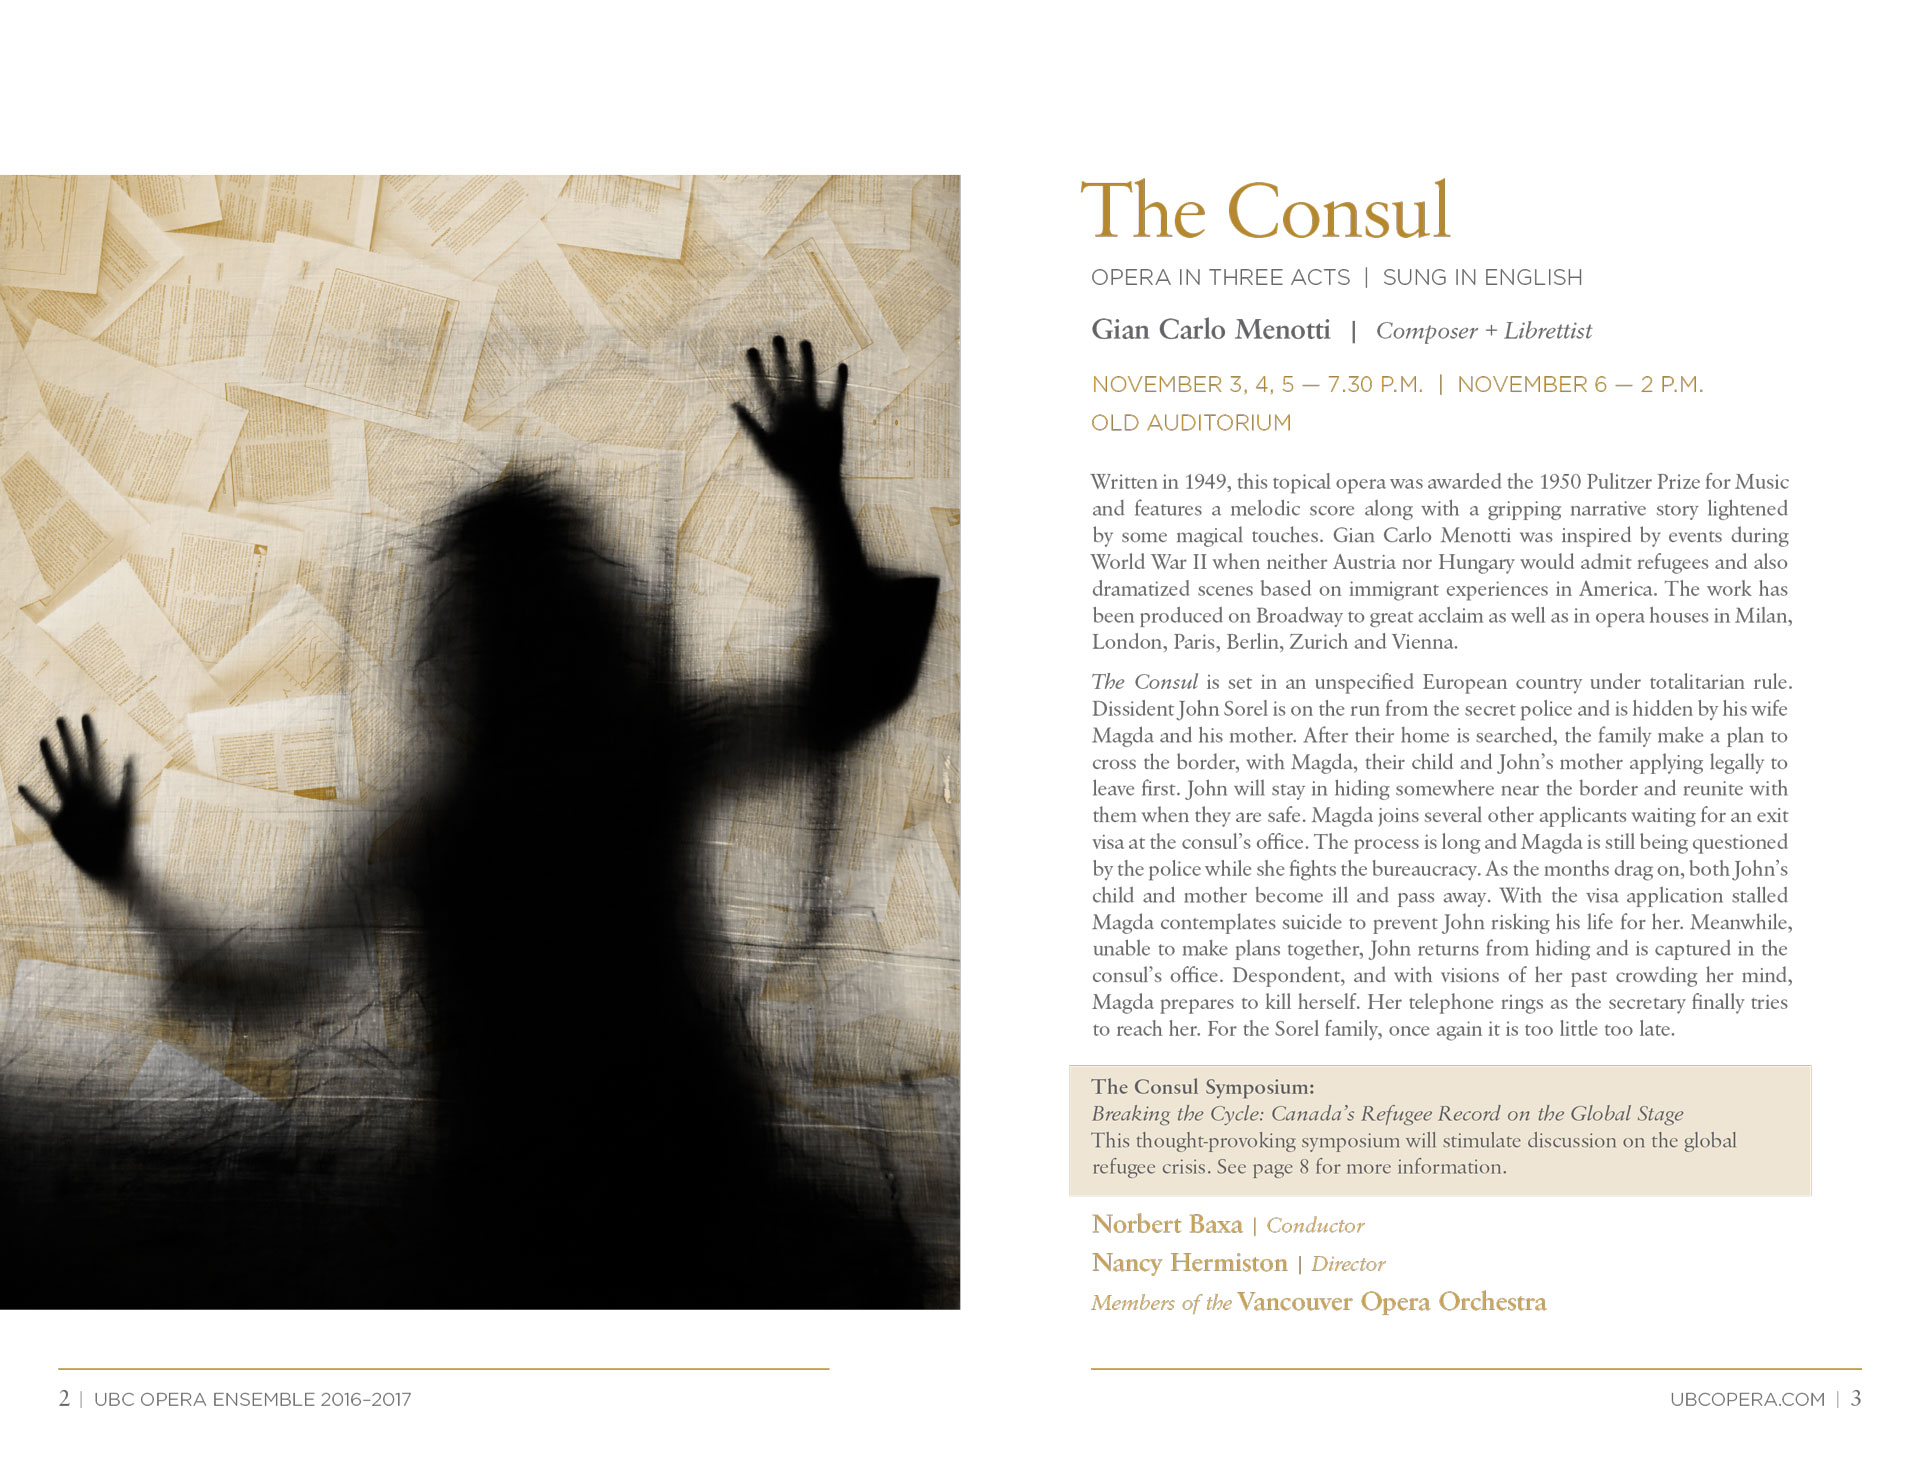 programme spread for Menotti opera The Consul